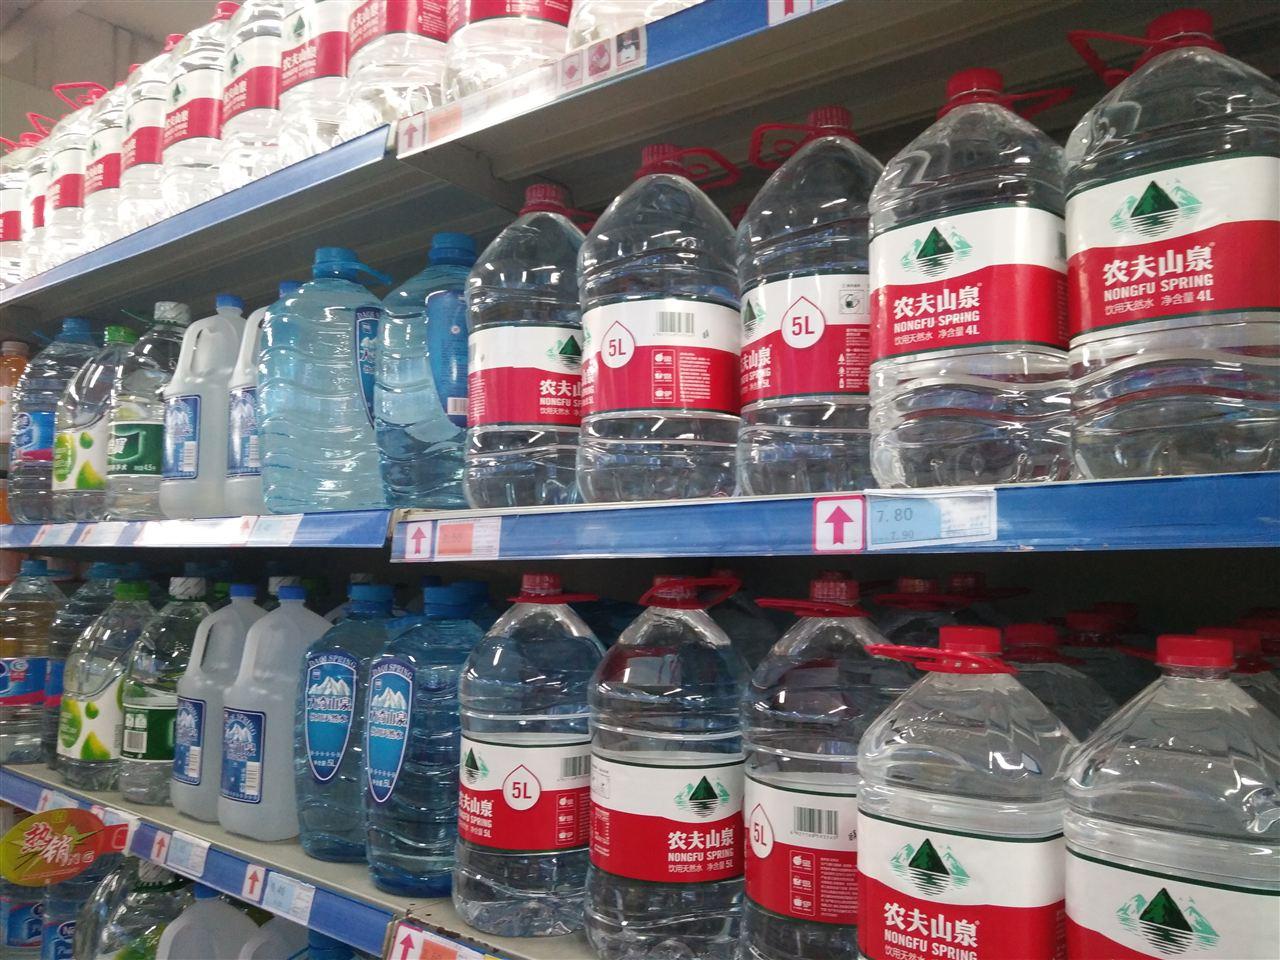 包装饮用水品类繁多难辨别 水处理设备为您答疑解惑